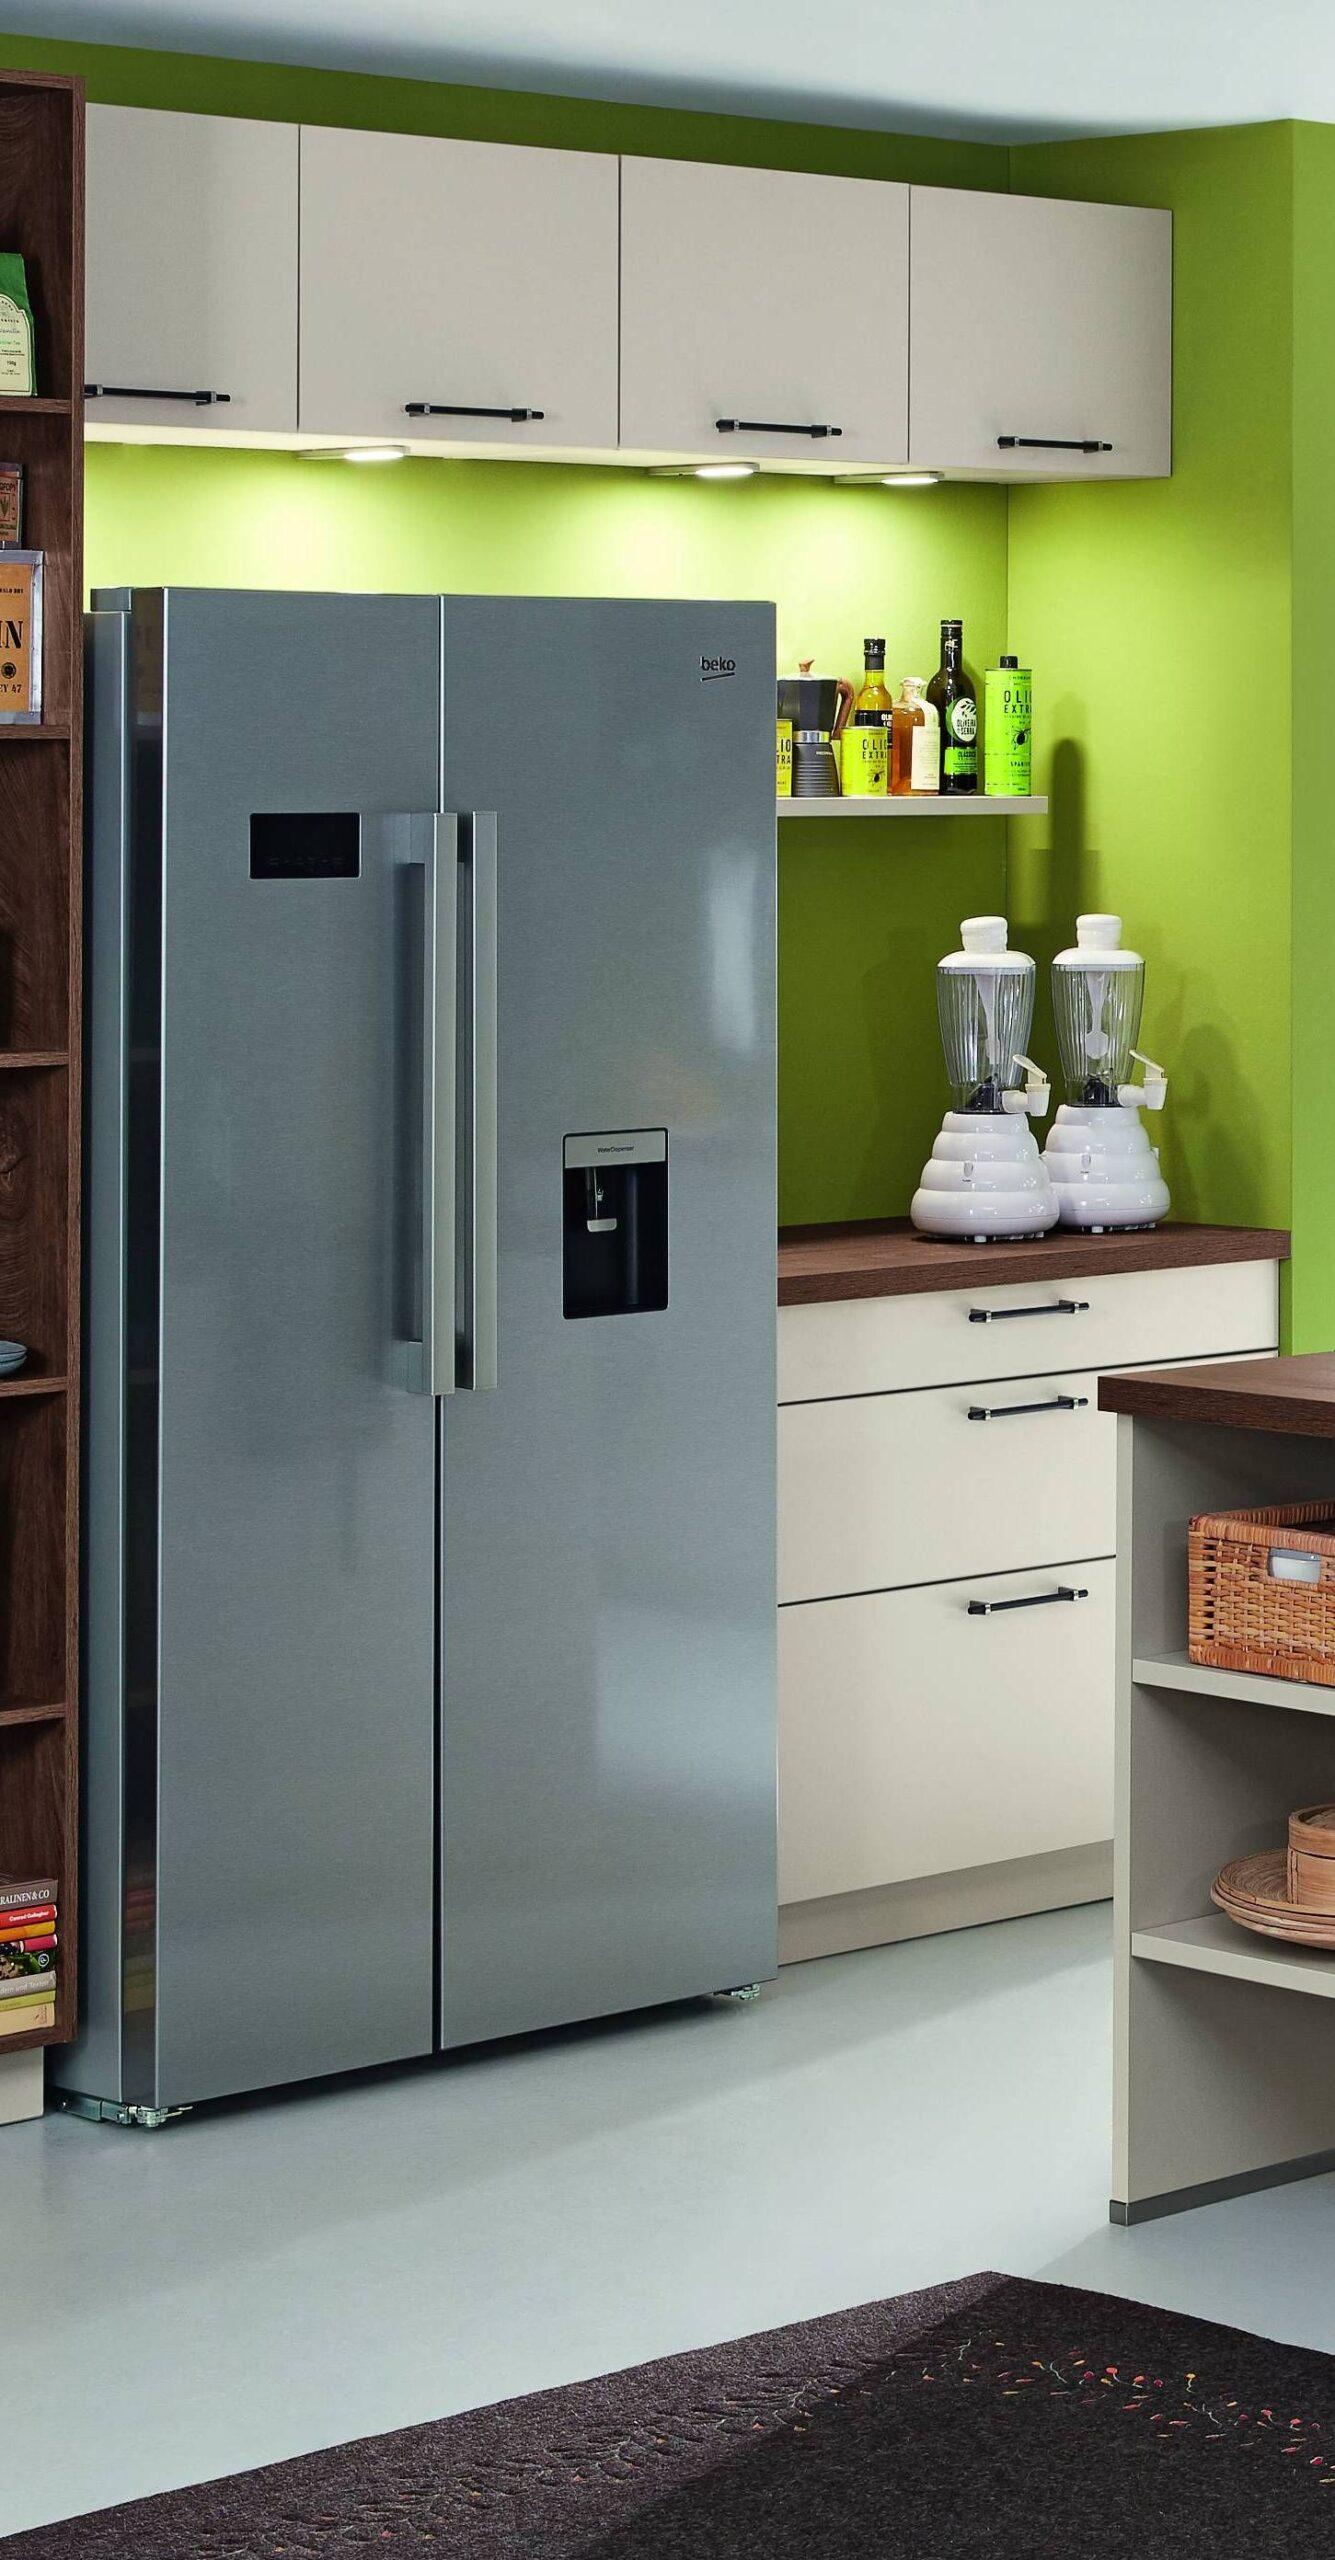 Full Size of Pantryküche Ikea Sie Sehen Hier Eine Schlichte Bauformat Kche Mit Hochwertigen Modulküche Küche Kaufen Kühlschrank Sofa Schlaffunktion Miniküche Betten Wohnzimmer Pantryküche Ikea